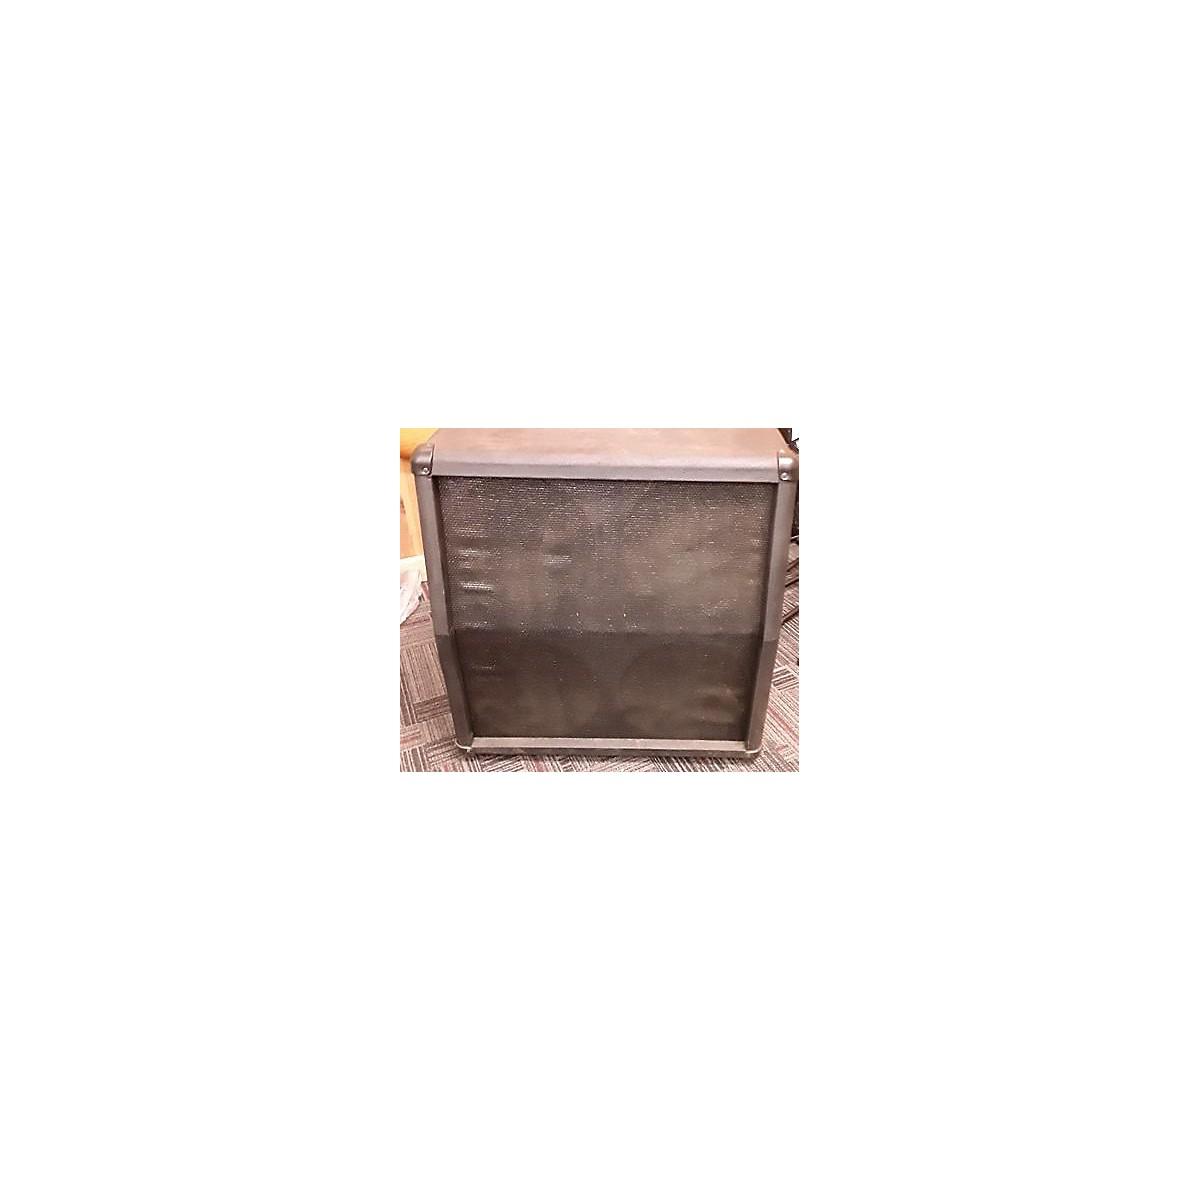 Crate GX412XS 4X12 Guitar Cabinet